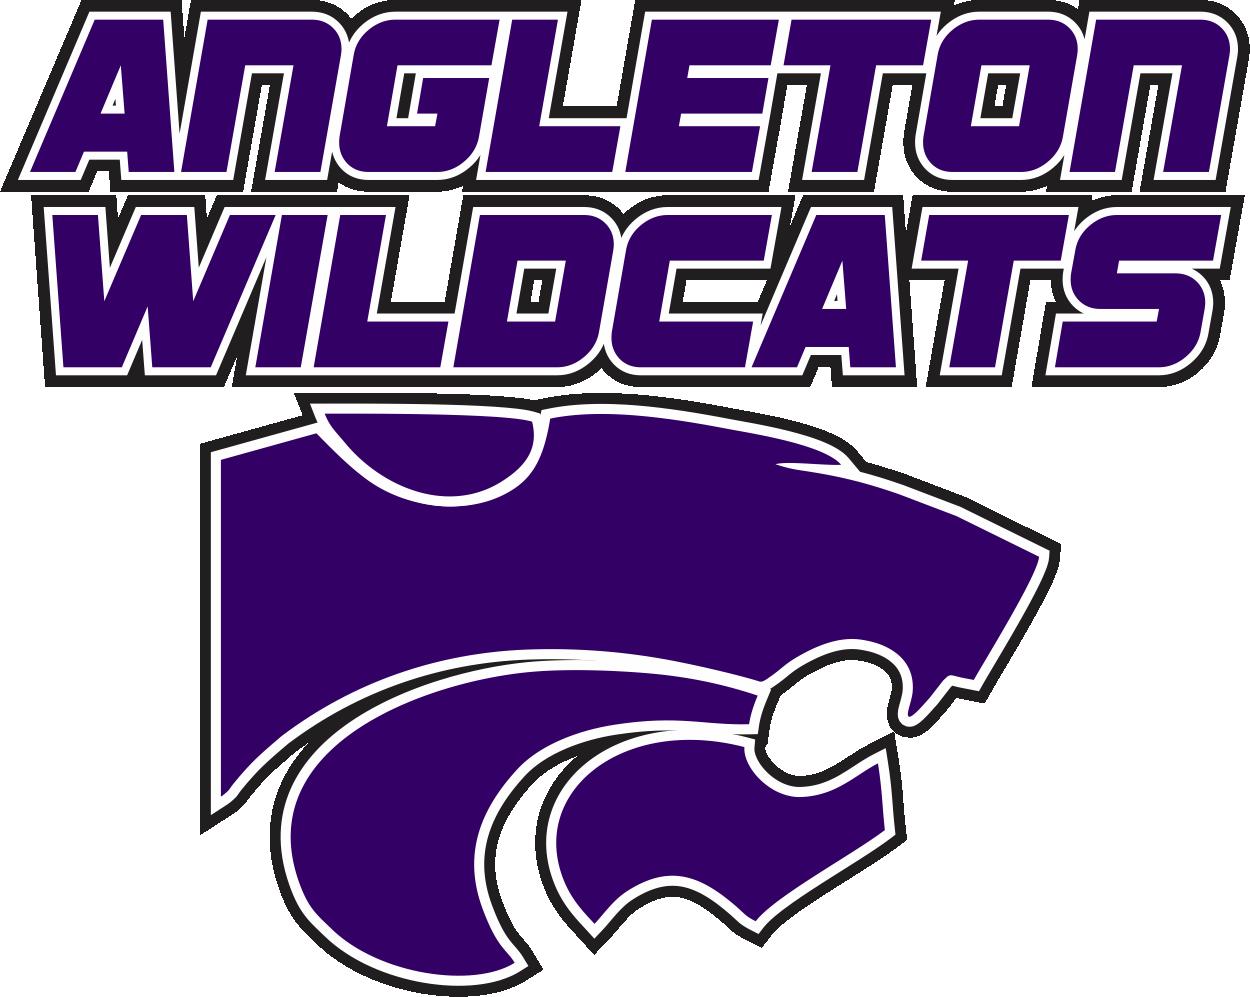 The angleton wildcats scorestream. Wildcat clipart calallen